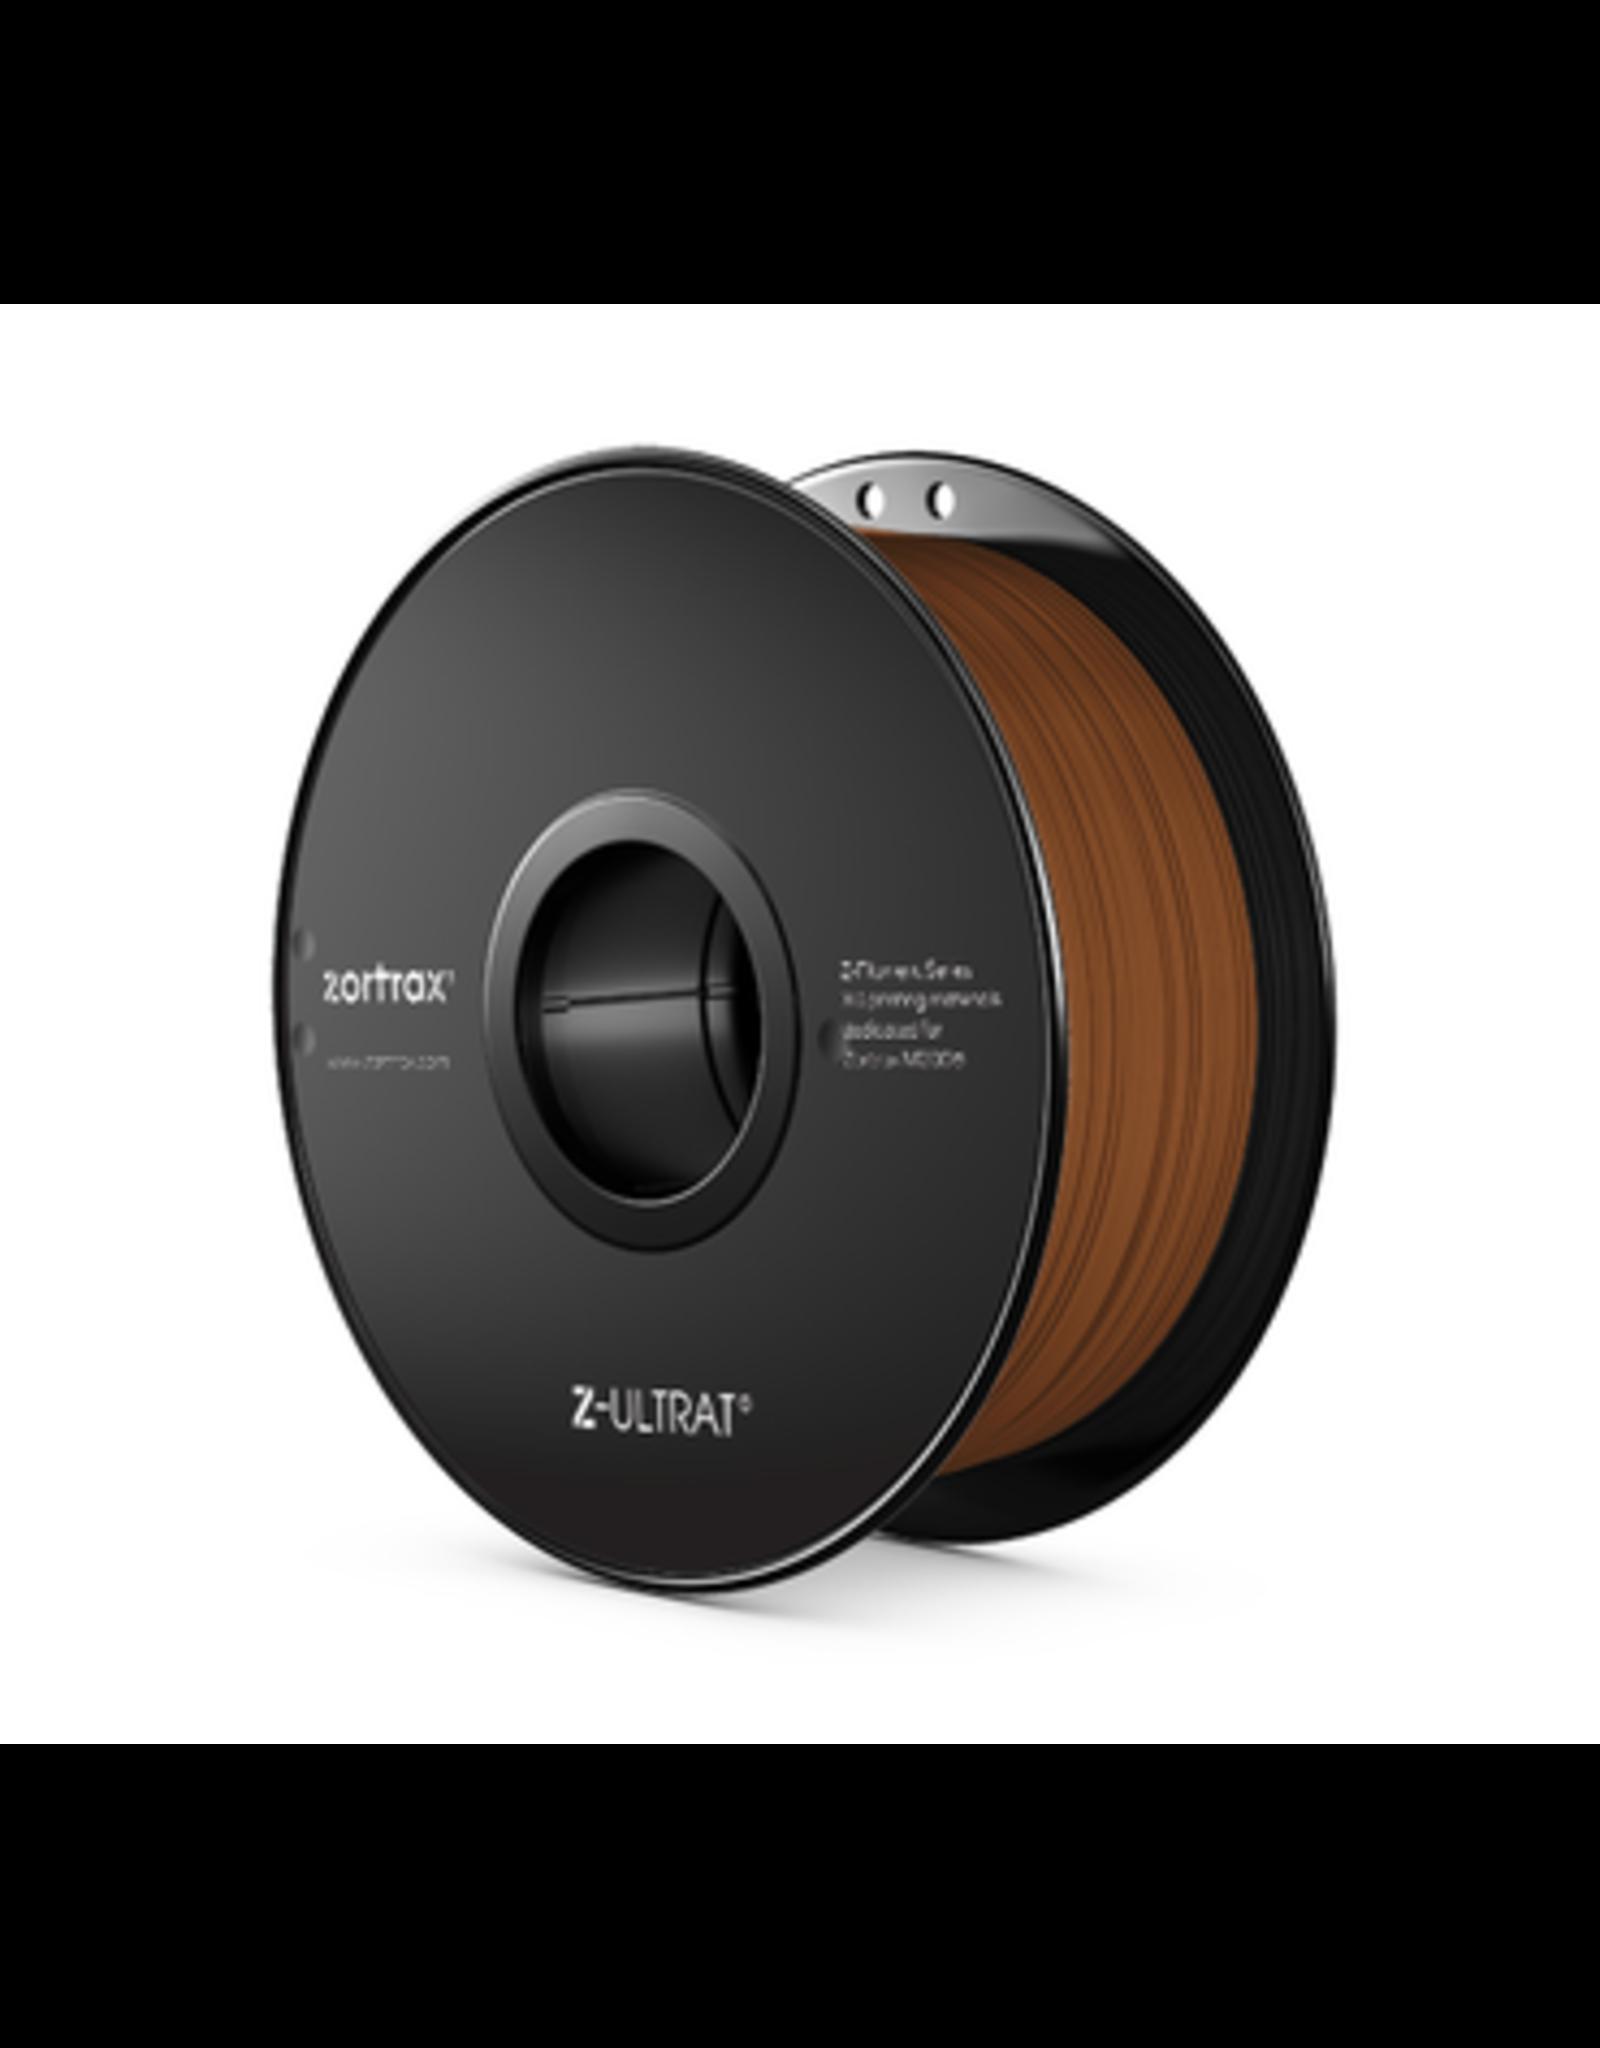 Zortrax Zortrax Z-ULTRAT Filament - 1.75mm - 800g - Brun